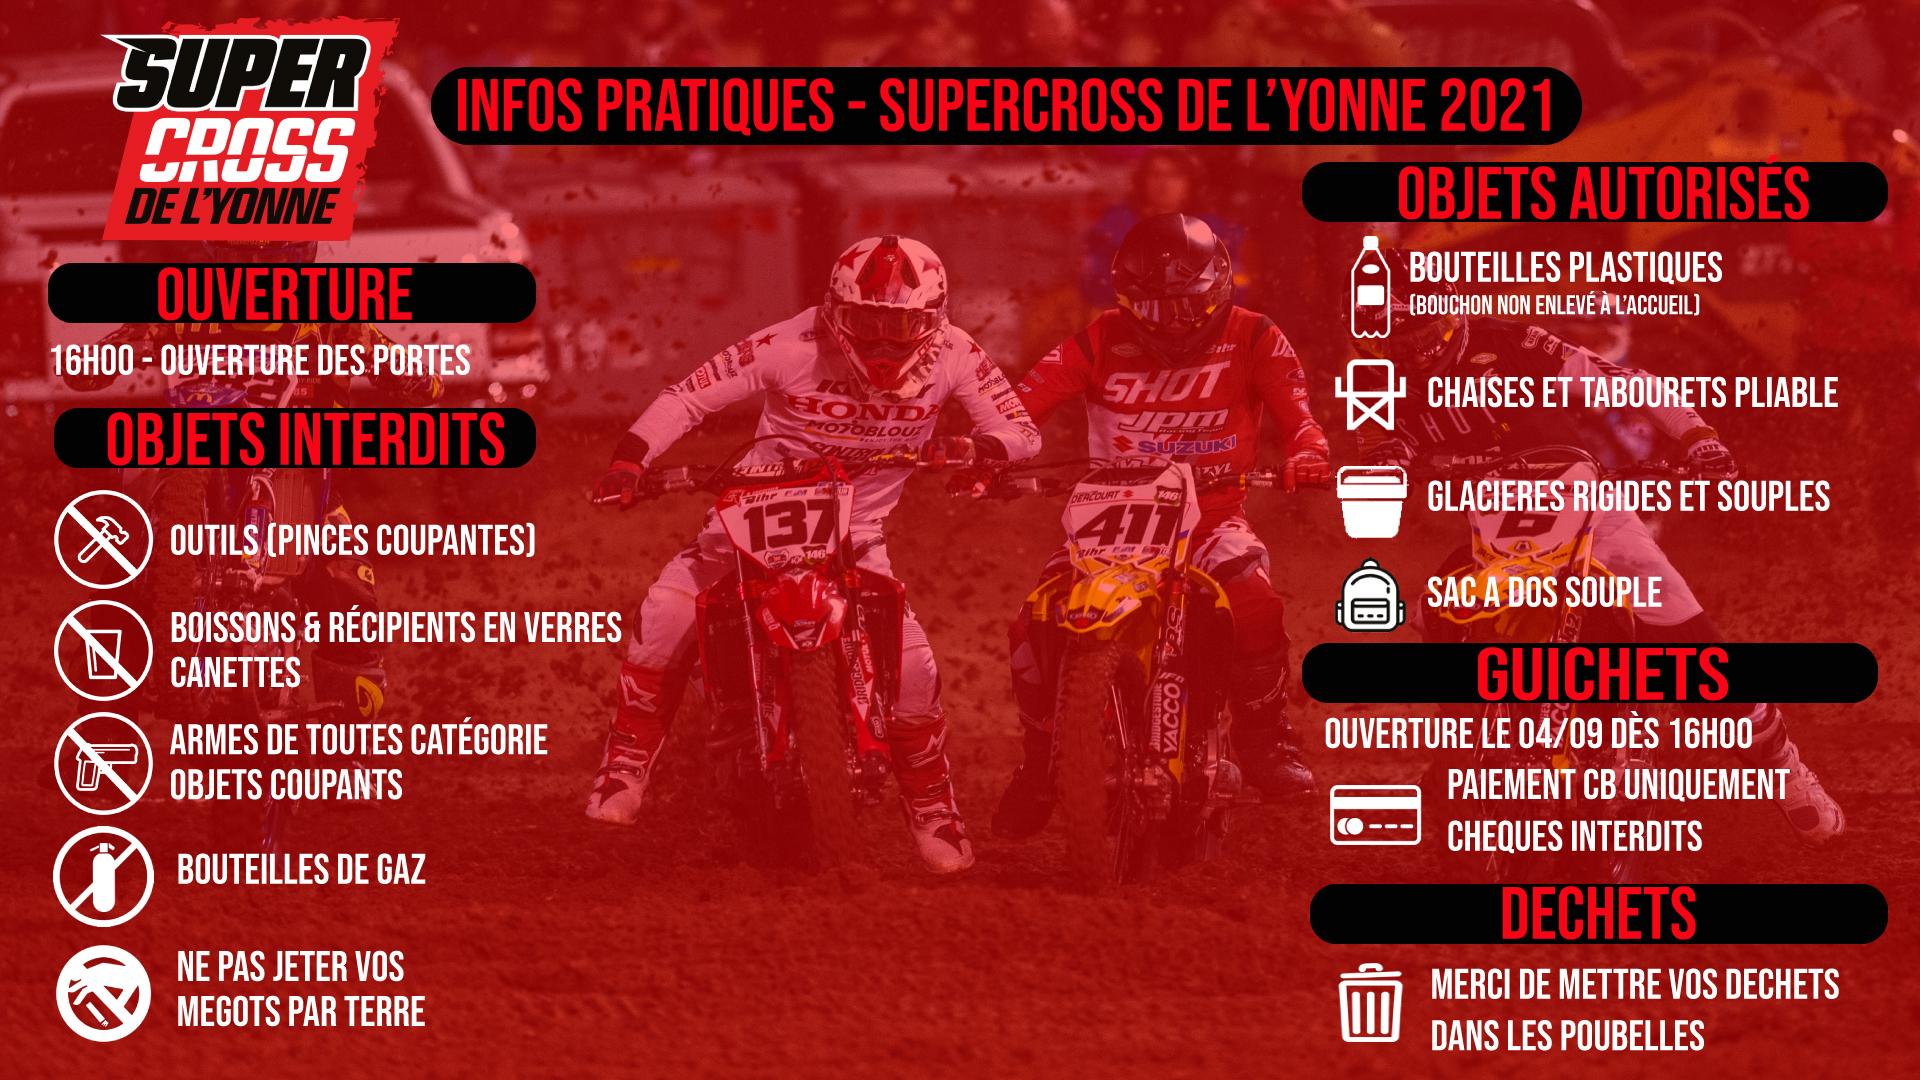 Supercross de l'Yonne 2021 - Les infos pratiques